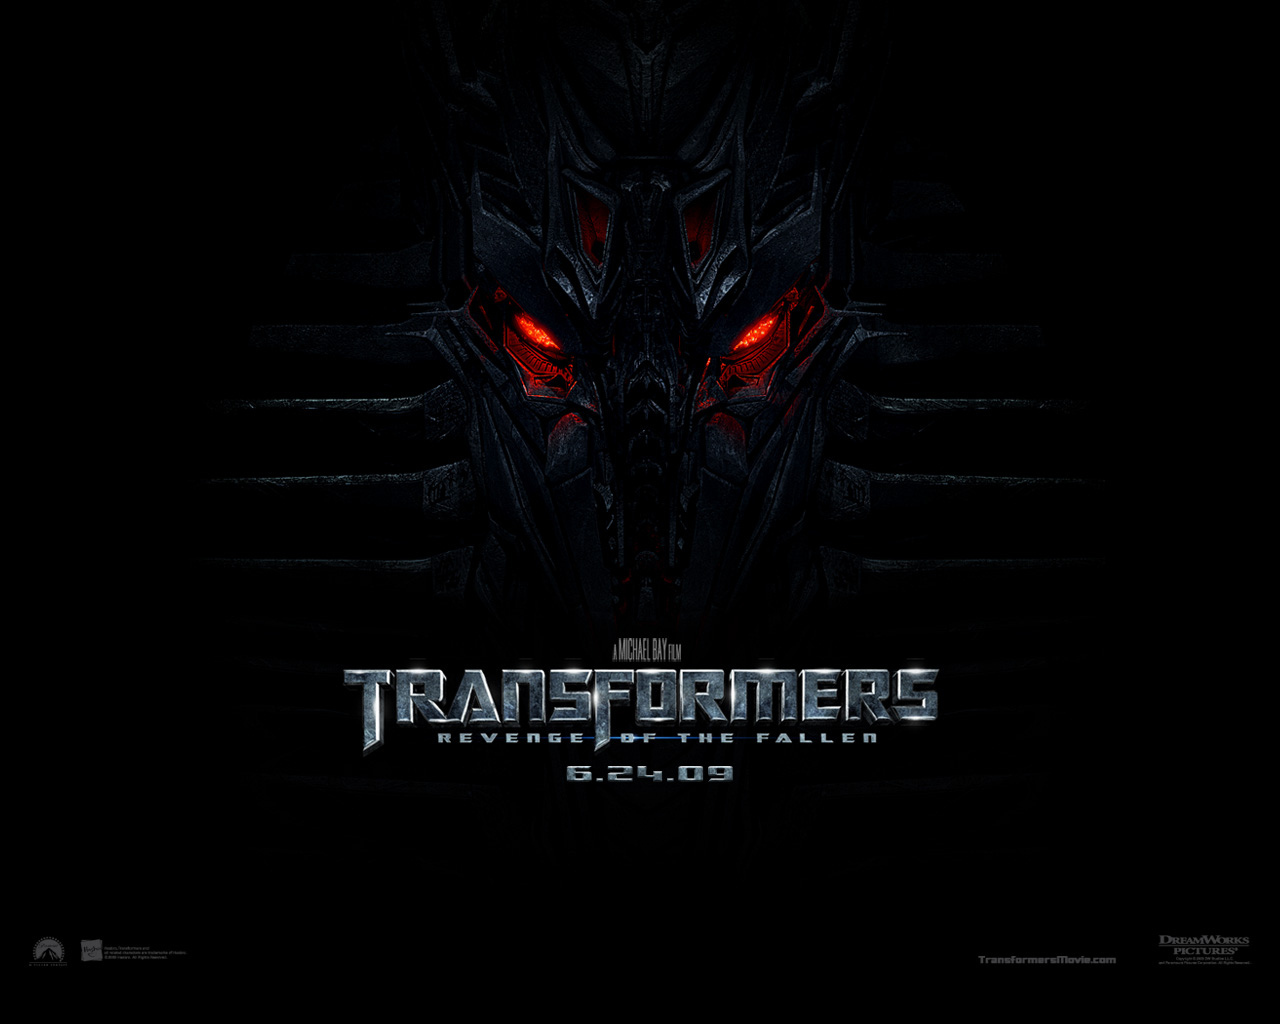 http://2.bp.blogspot.com/-1CFgRFVODHU/ThEbPJqKXvI/AAAAAAAADzE/Am8hSVS7NwA/s1600/Transformers-Revenge-of-the-Fallen-transformers-6080625-1280-1024.jpg